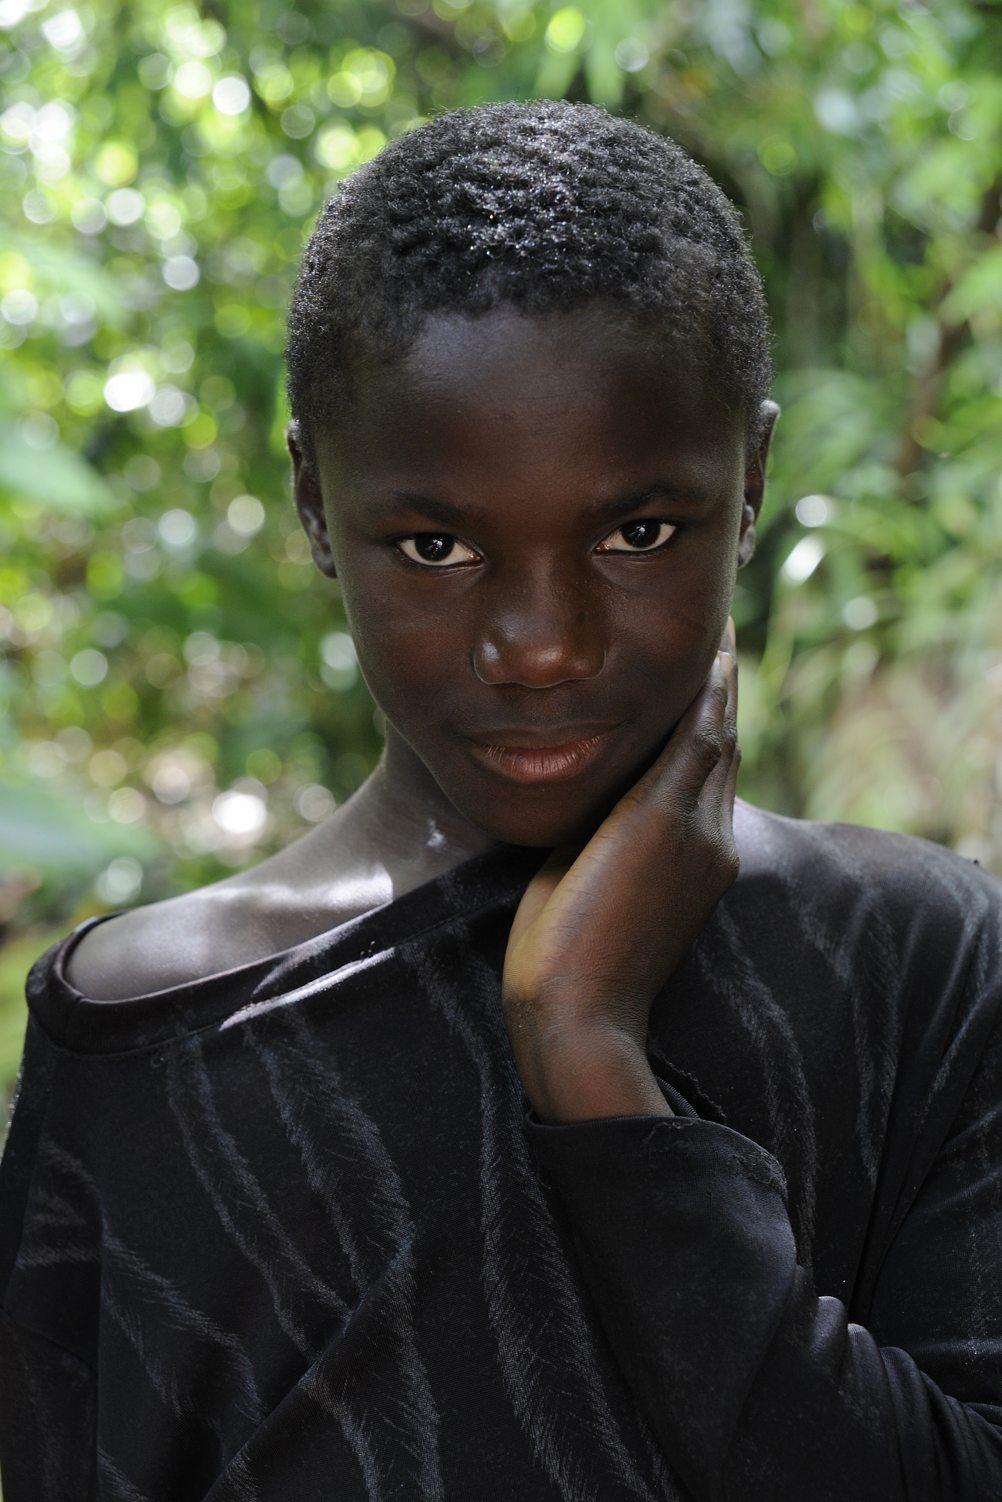 COA-by-Thijs-8  Diep in het Surinaamse oerwoud, niet ver van Awarradam, stuitte ik op een vader en zoon die een houten kano uit een boomstam aan het hakken waren. Het was een korte en vluchtige ontmoeting, en ergens tijdens ons gesprek maakte ik deze foto. Pas een paar jaar later vond ik hem terug op de harde schijf en werd ik gegrepen door de intensiteit van het portret. Het is nu één van mijn favoriete foto's.